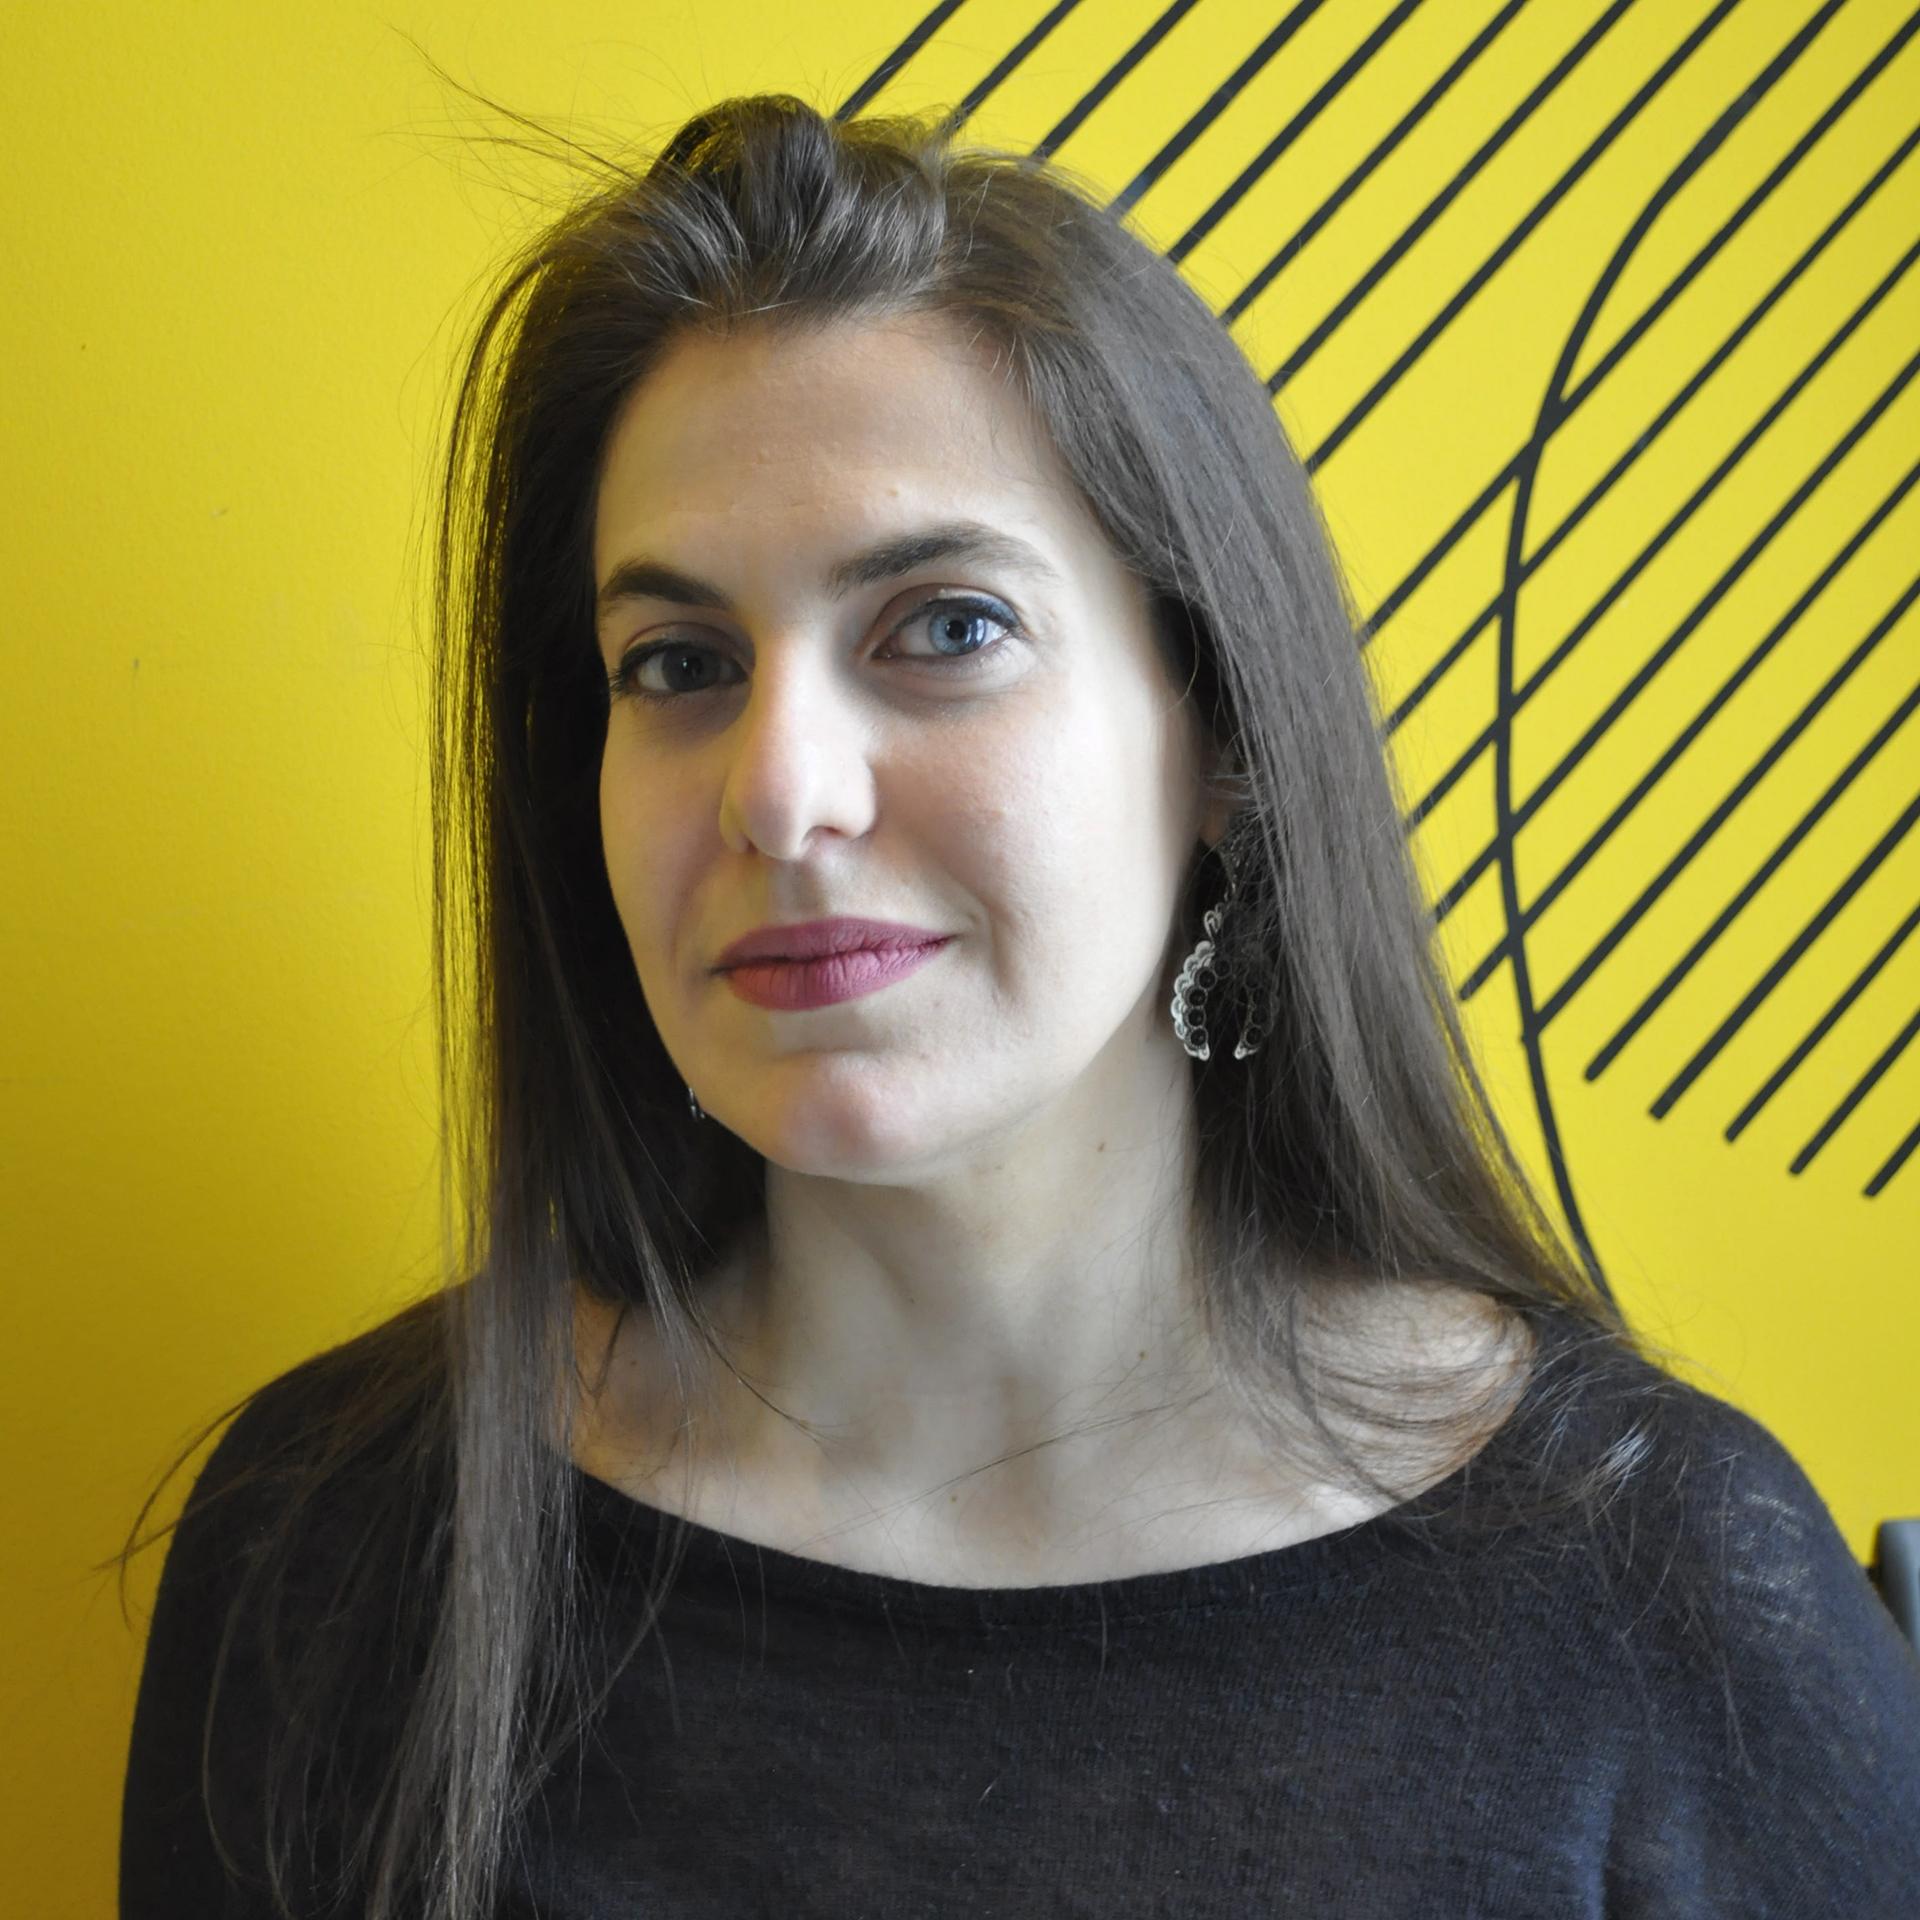 Betty Xirouxhaki